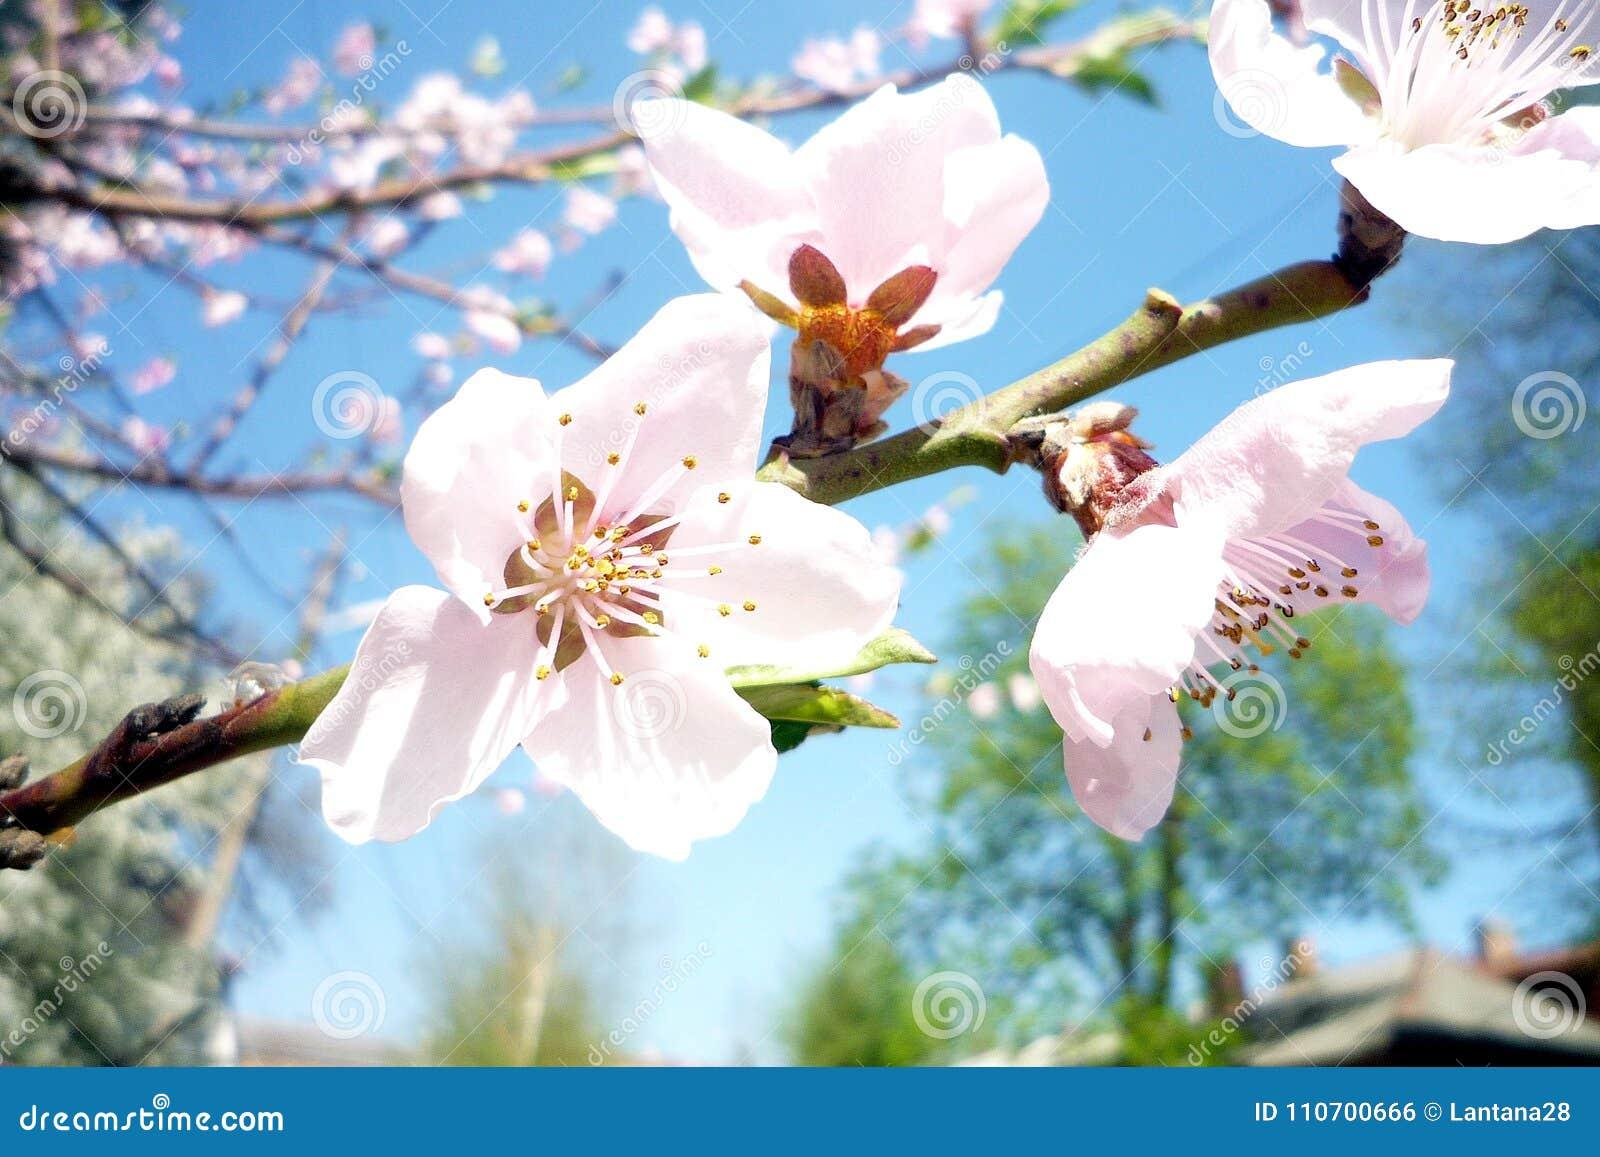 Flor do pêssego na mola em um dia ensolarado